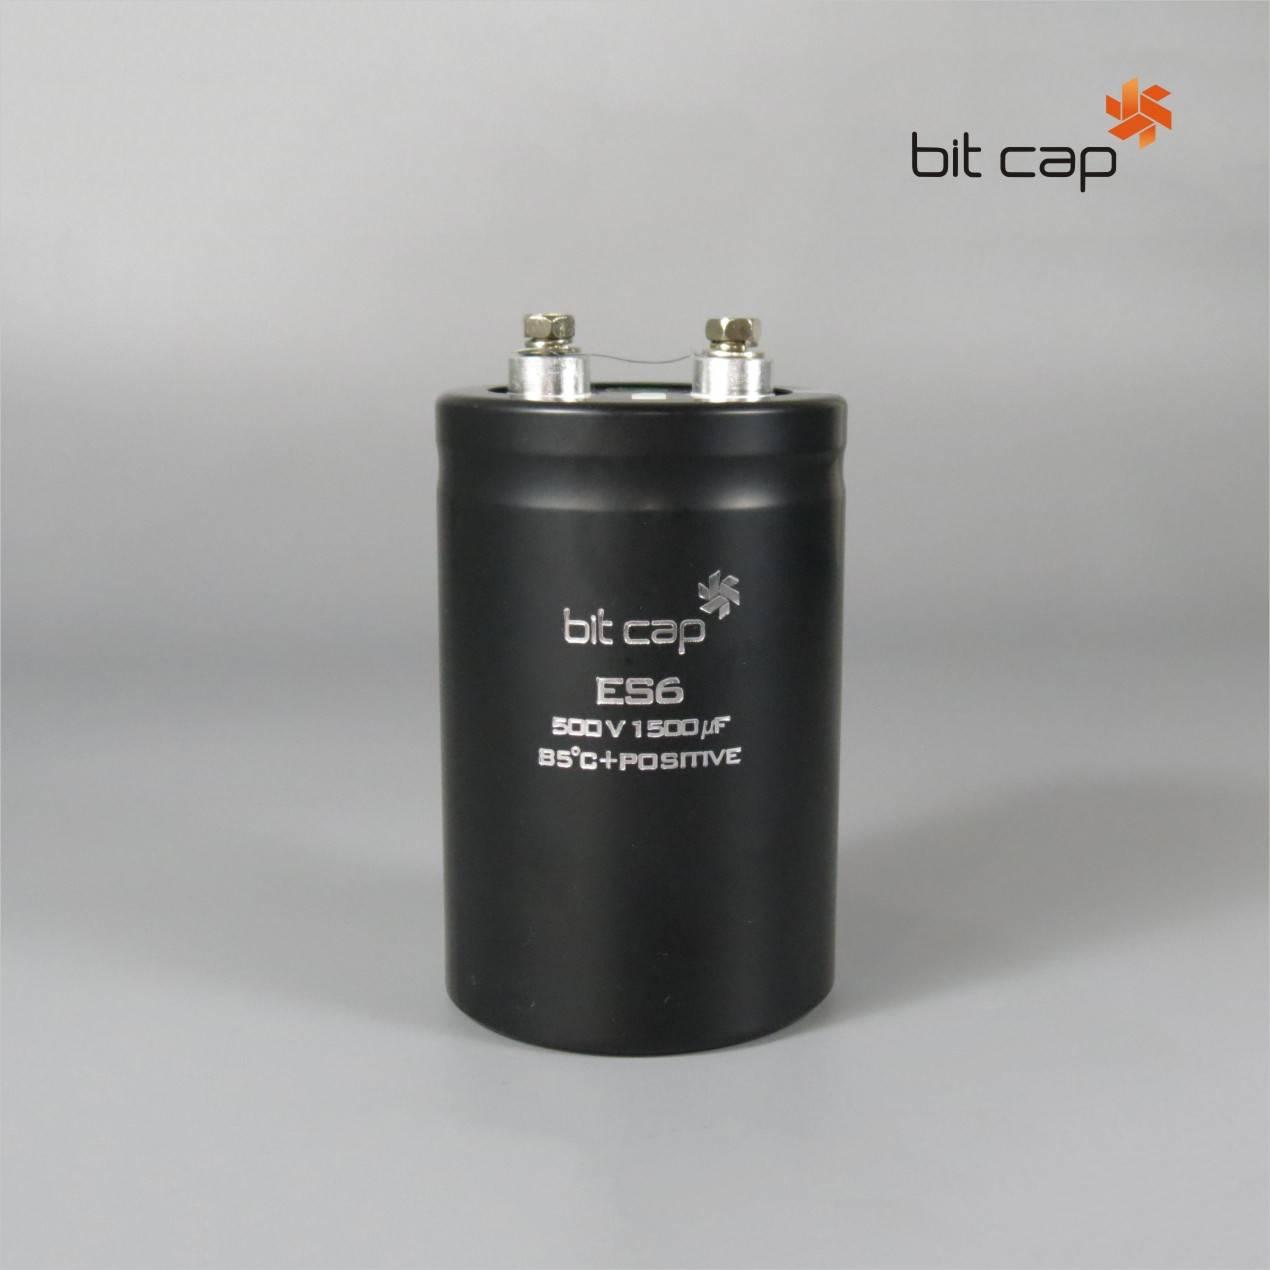 bit cap ES6  500V 1500uF  aluminum electronic capacitors